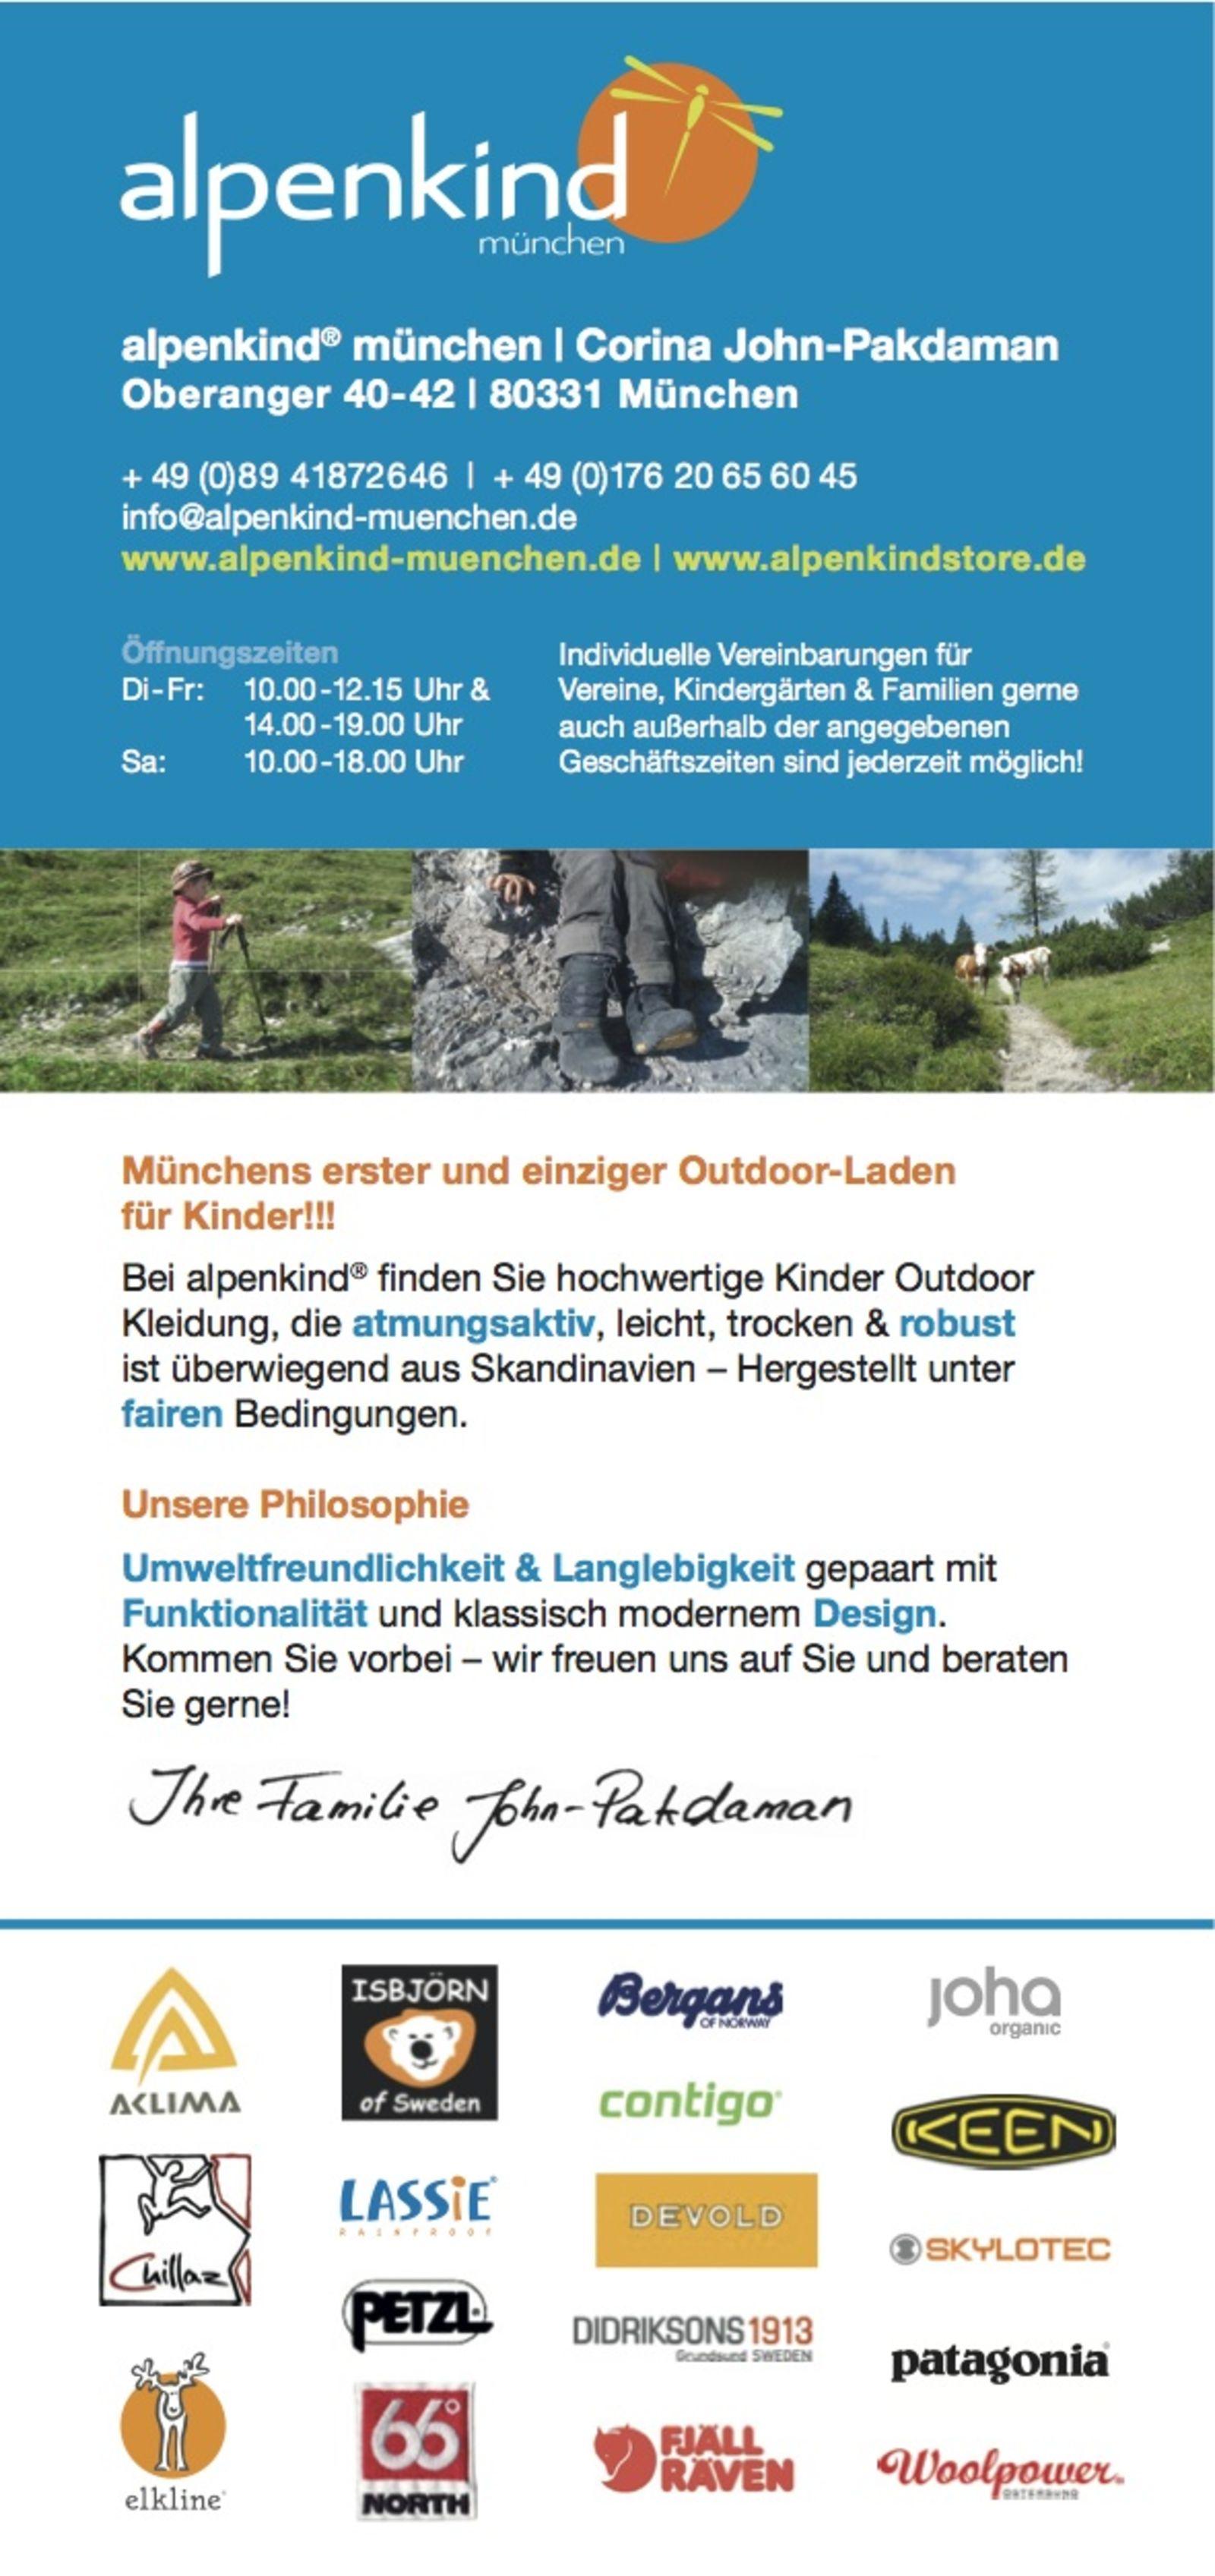 alpenkind® muenchen in München (Bild 3)